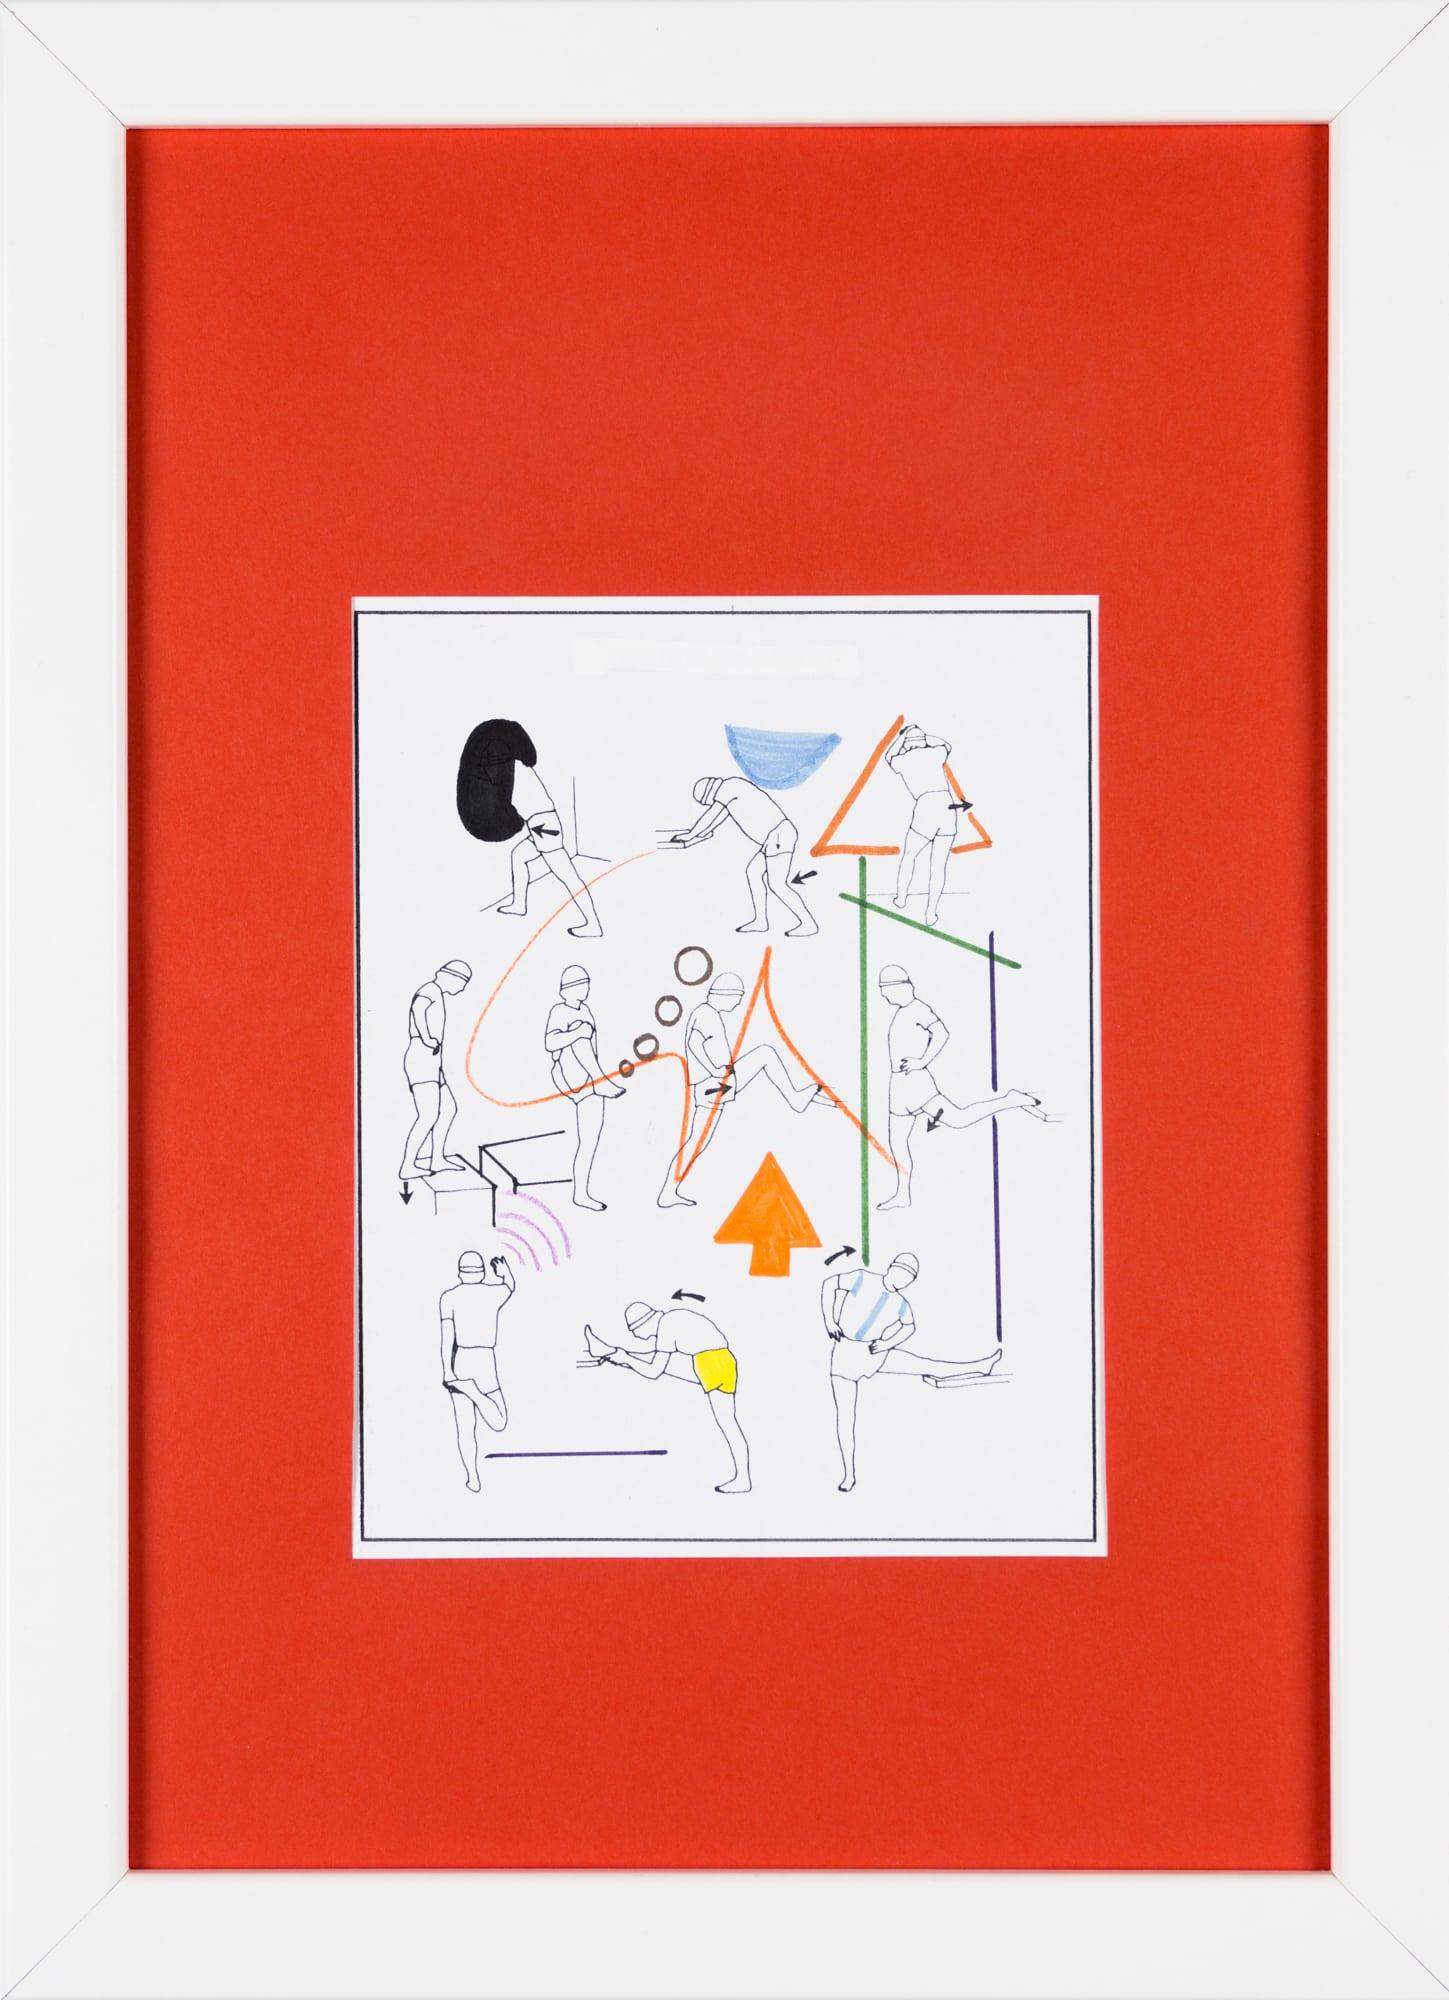 Übermalung und Mischtechnik auf Papier, 12,5x16cm, Originalgrafik zum gleichnamigen Booklet, Künstlerin: Franziska King